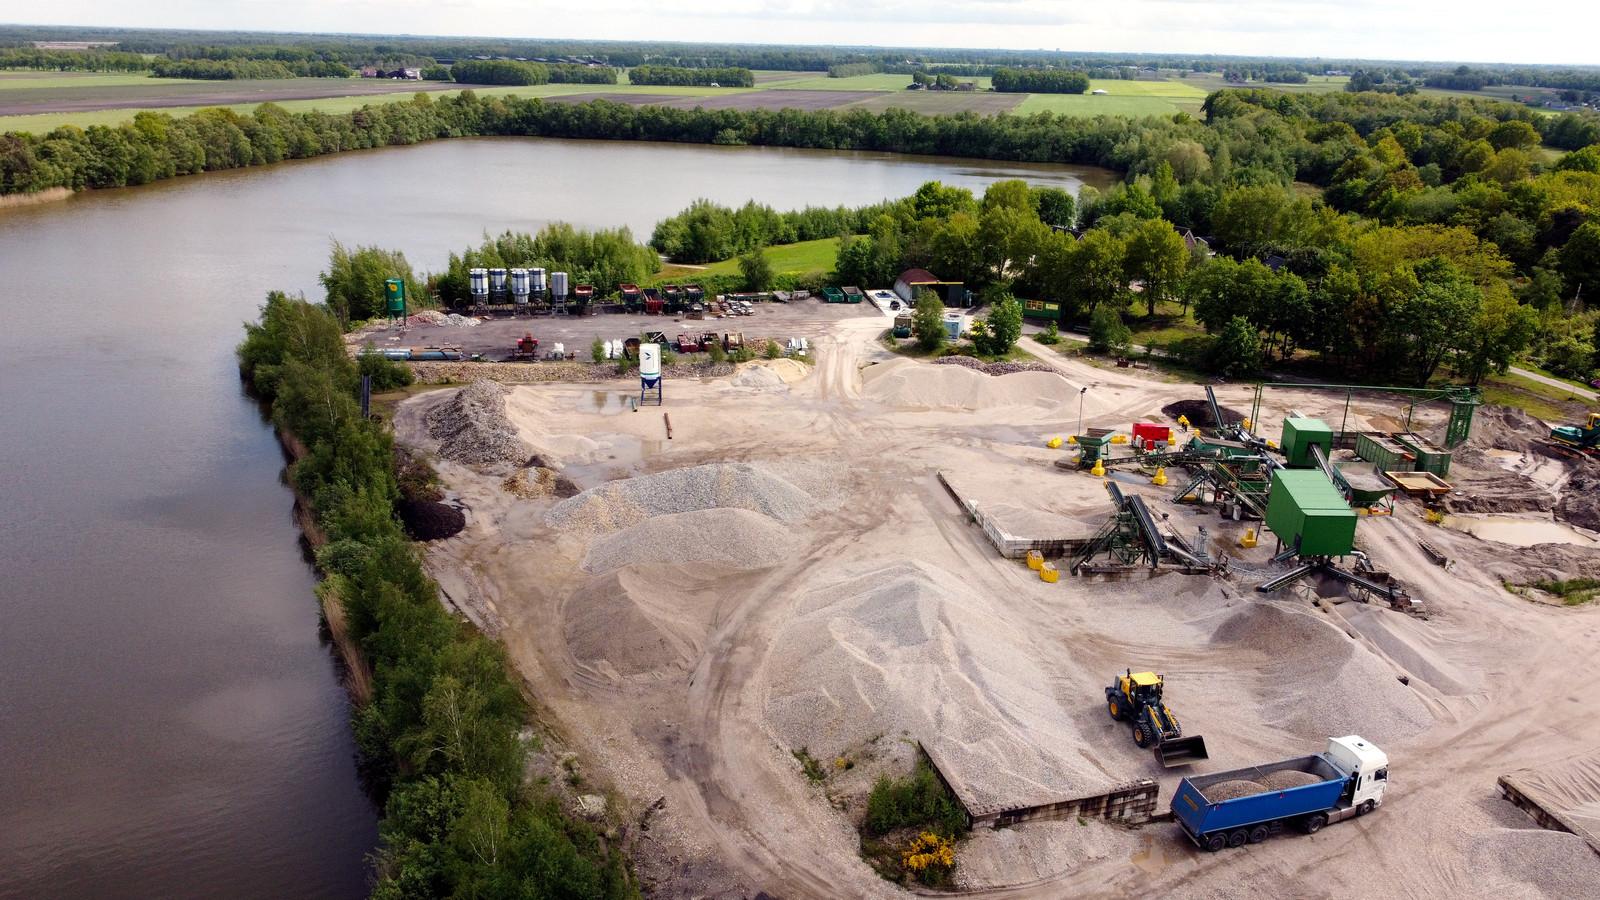 De firma Slaat heeft sinds 2014 aan de Sibculoseweg 102 een grindwasserij (rechts). Daarin kan 500 ton grind per dag bewerkt worden.